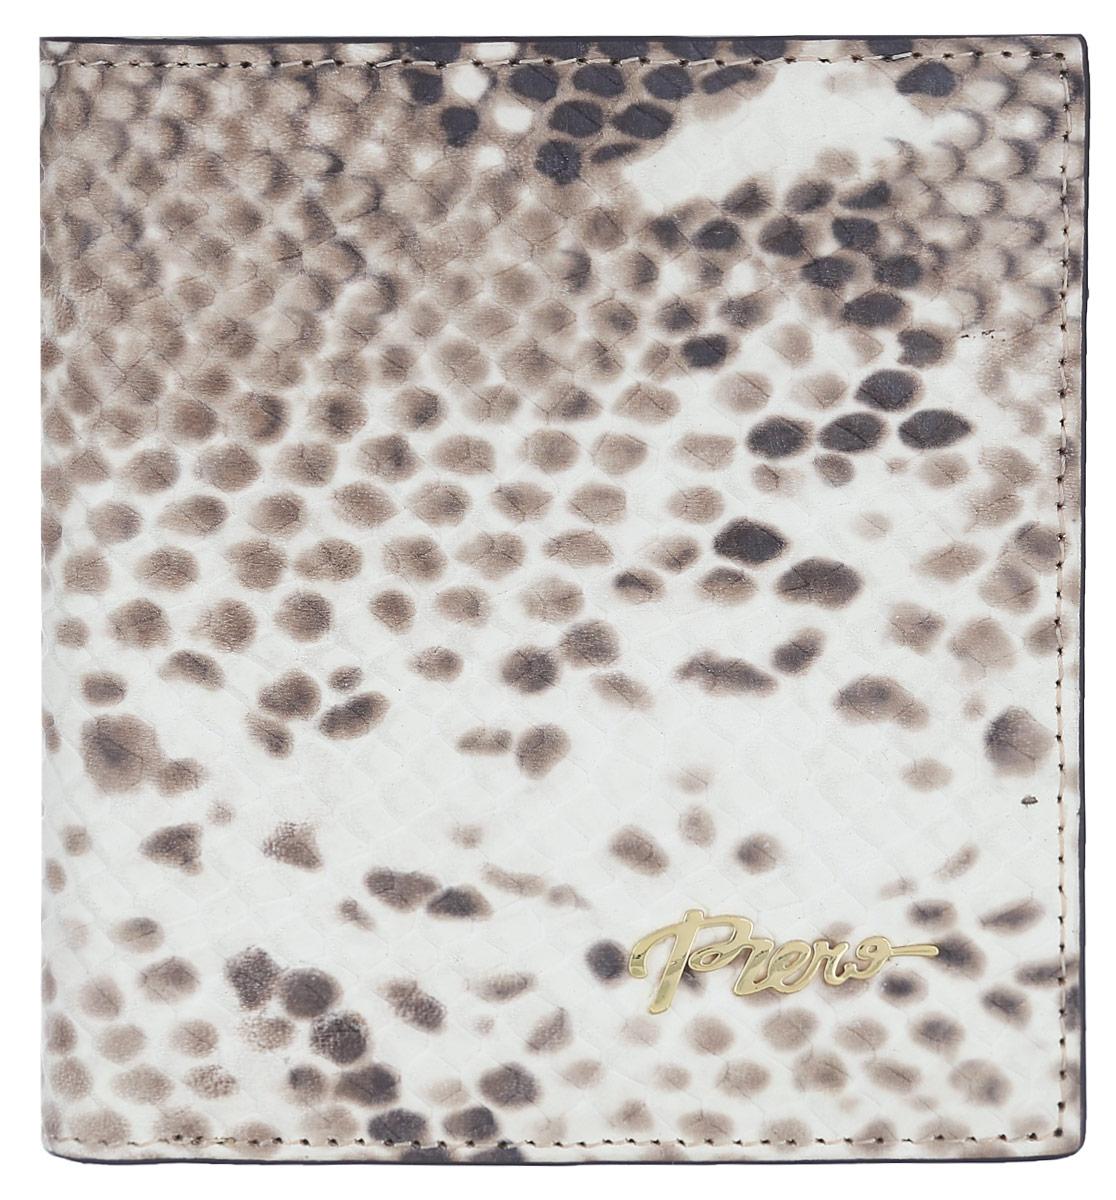 Кошелек женский Piero, цвет: бежевый. 42М4_90028_30_1402П_1642М4_90028_30_1402П_16Стильный женский кошелек Piero выполнен из натуральной кожи с декоративным тиснением под рептилию. Состоит из двух отделений для купюр, кармана для мелочи с клапаном на кнопке, двух скрытых карманов и трех кармашков для визиток и карт. Изделие закрывается на кнопку. Кошелек упакован в фирменную коробку с логотипом бренда. Такой функциональный аксессуар станет замечательным подарком человеку, ценящему качественные и практичные вещи.